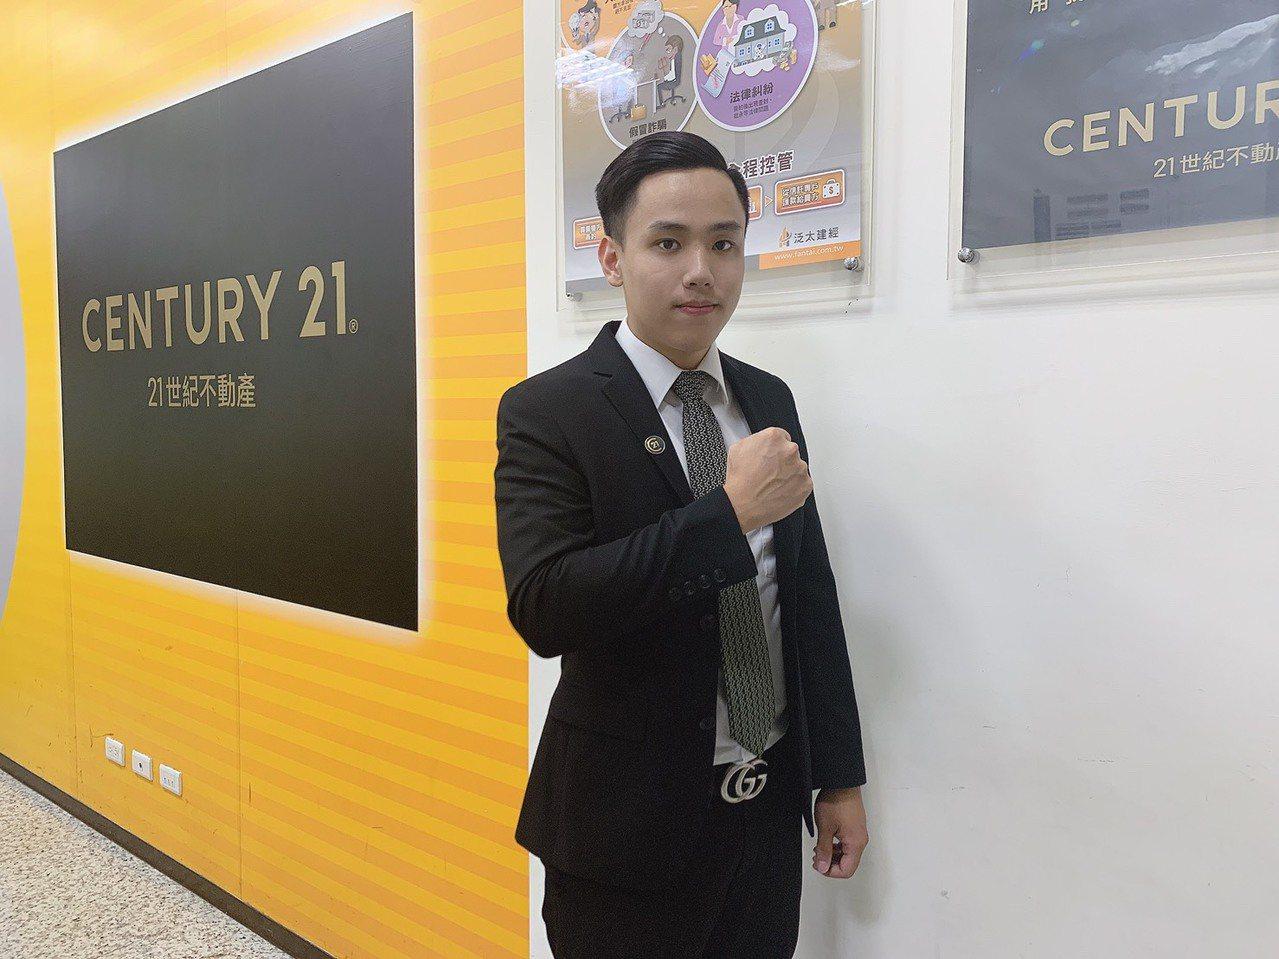 21世紀不動產基隆信義店業務邱泓瑜,入行一年年薪已破百萬。圖/業者提供